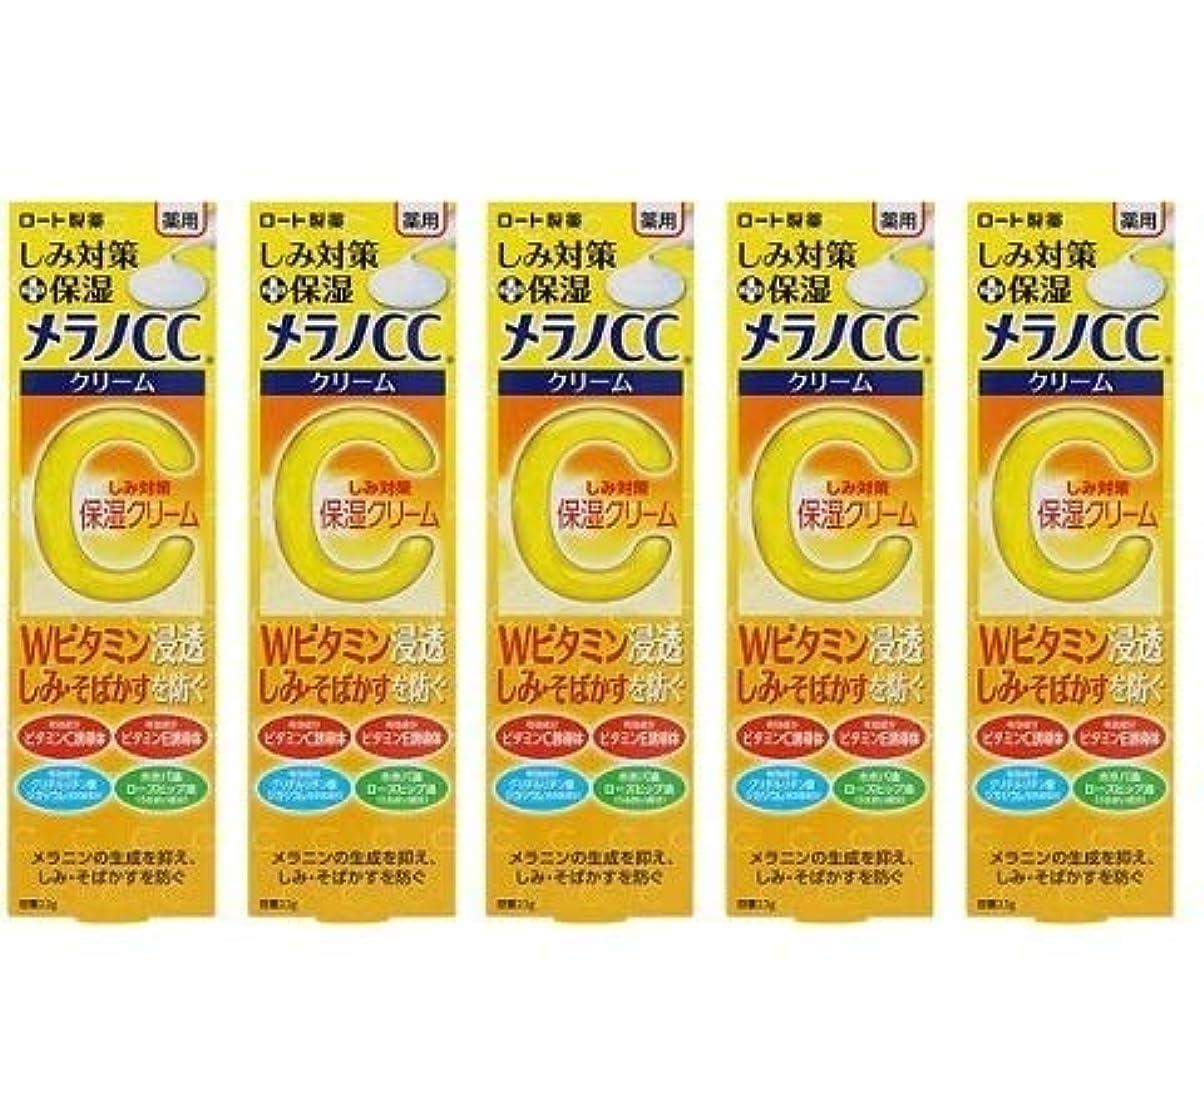 あいさつオークションジレンマメラノCC 薬用しみ対策 保湿クリーム 23g×5個セット